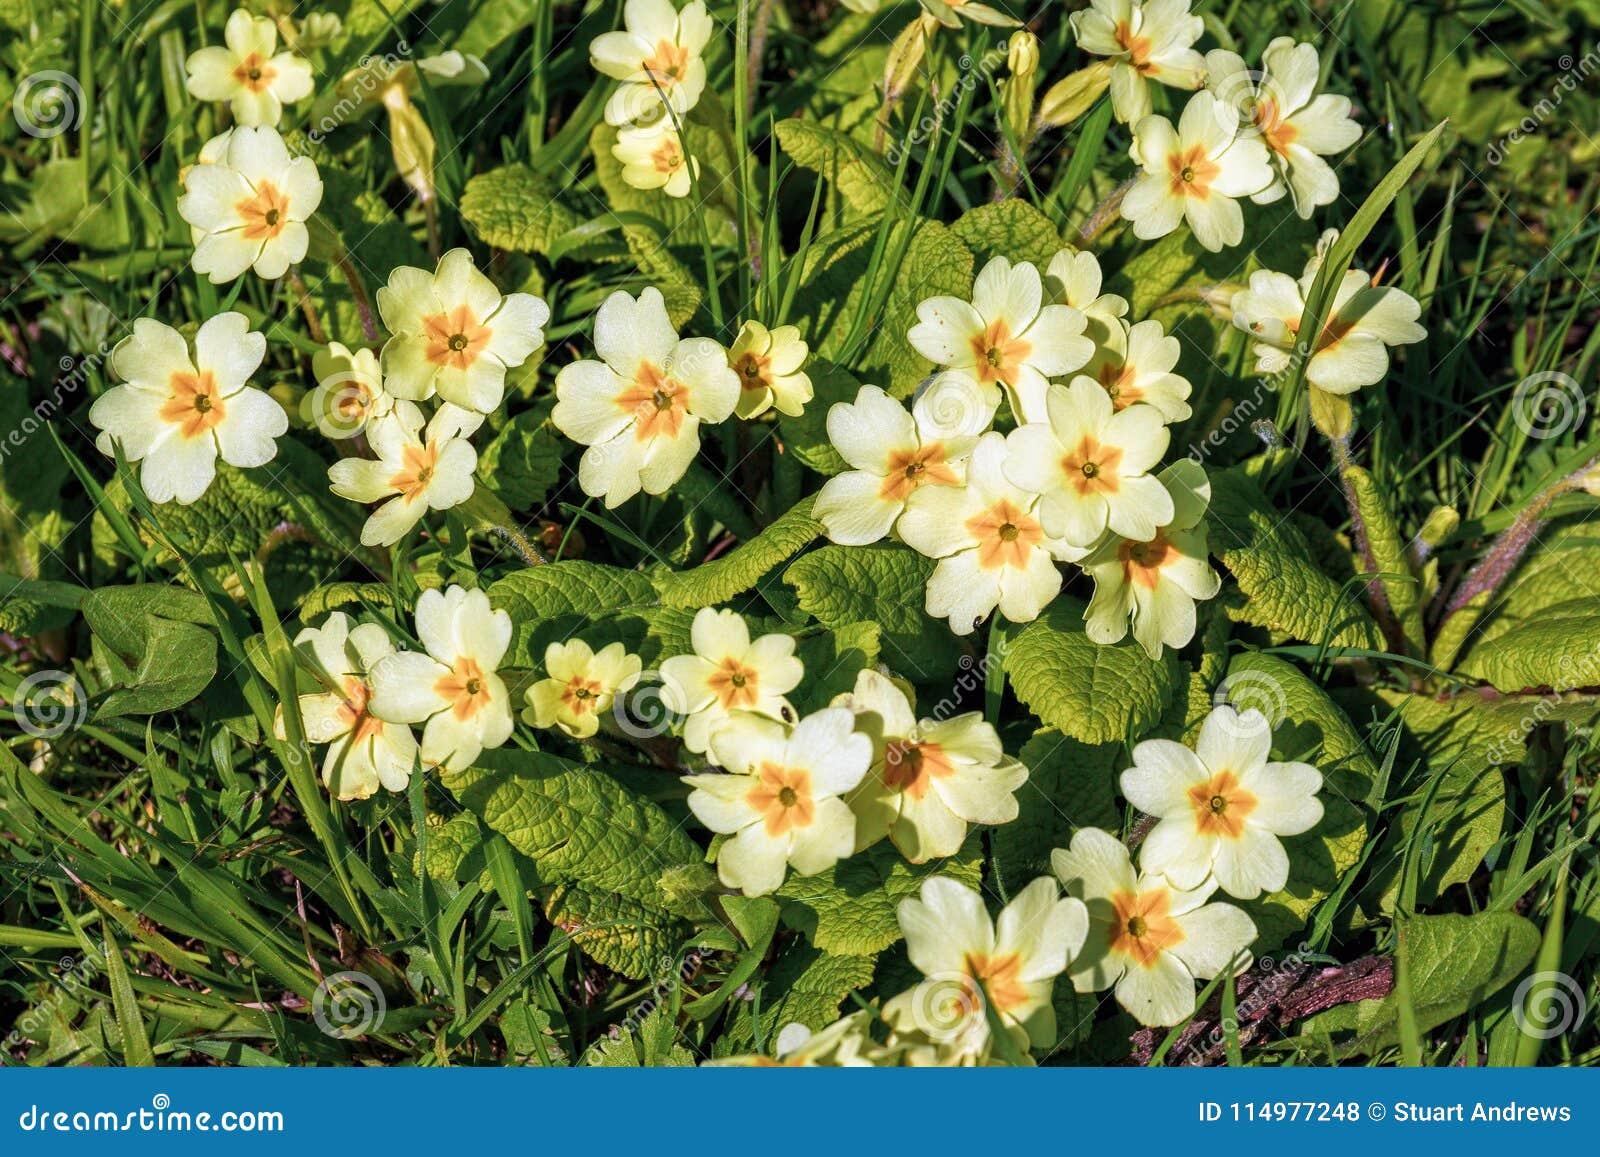 Primevères sauvages - primevère vulgaris, parc de Croome, Worcestershire